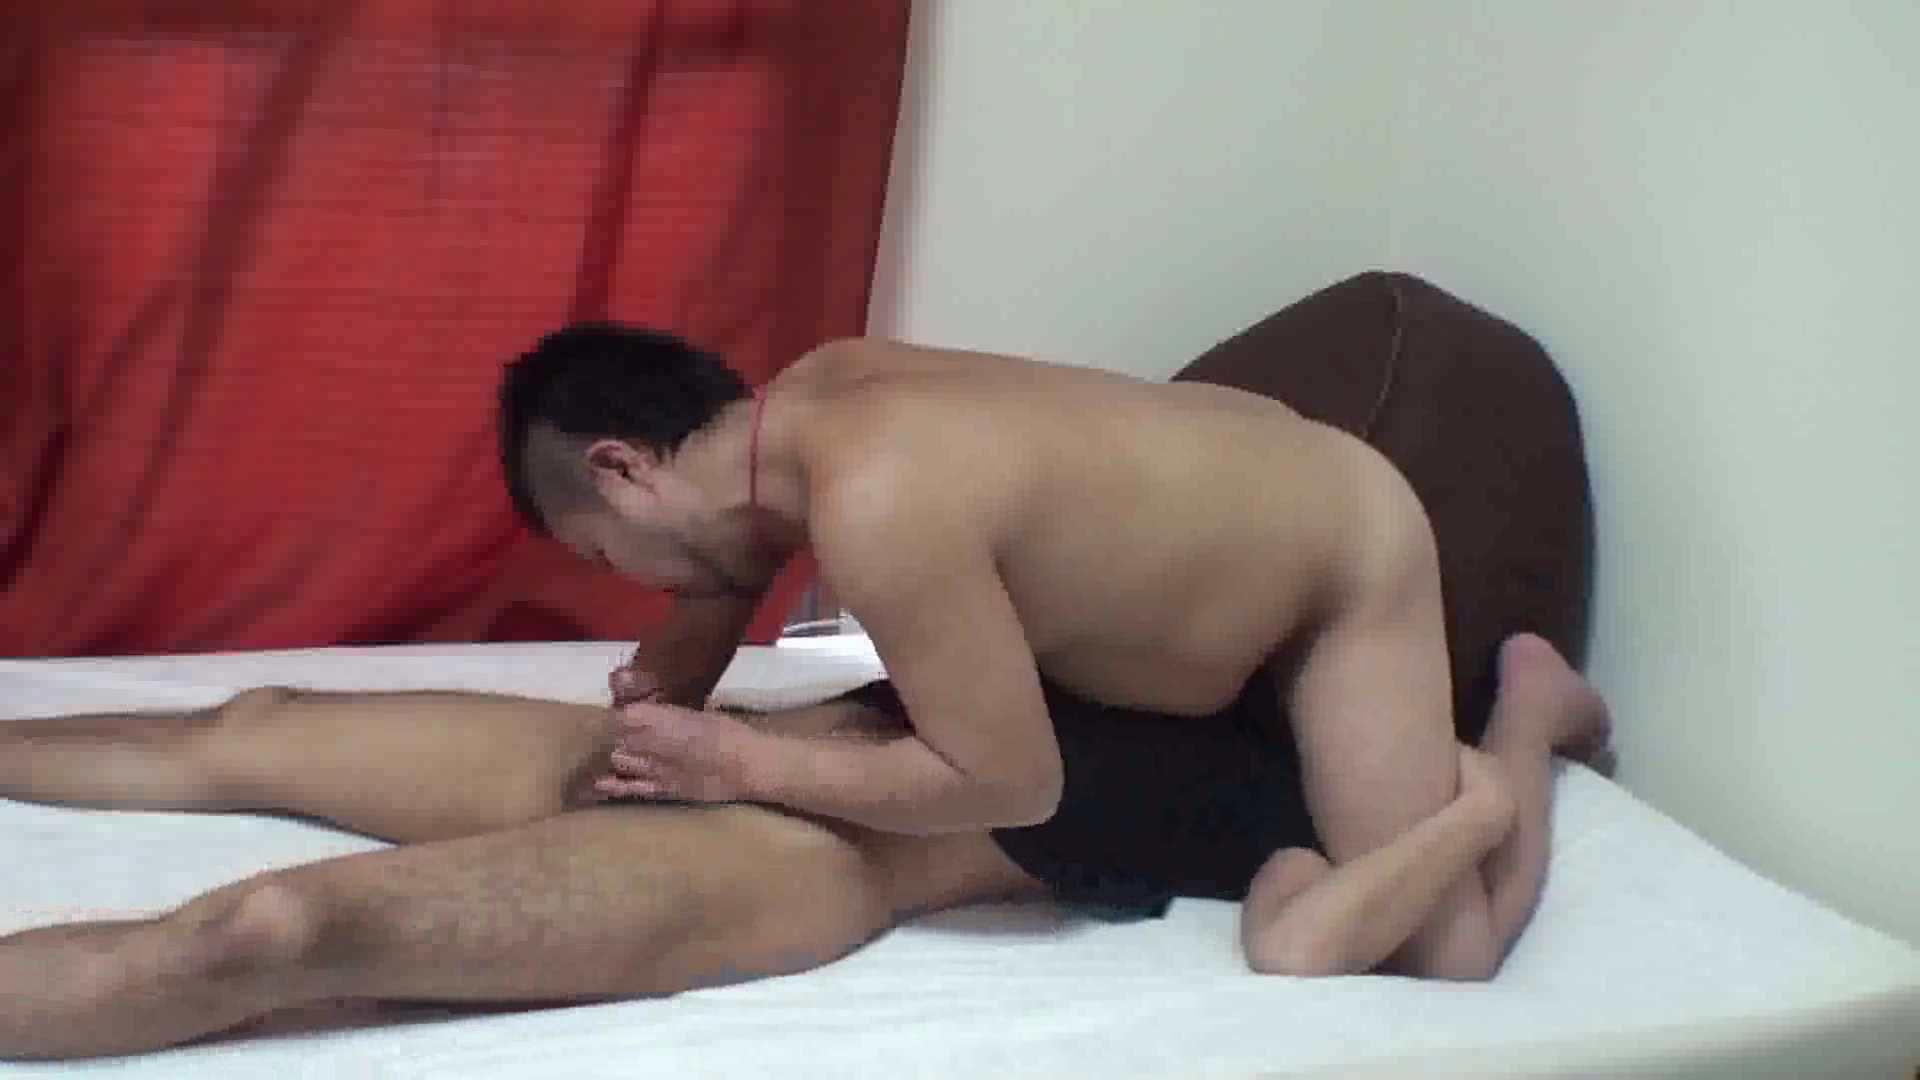 HD 良太と健二当たり前の日常 セックス編 VOL.02 サル系男子 ゲイ無修正ビデオ画像 104枚 95